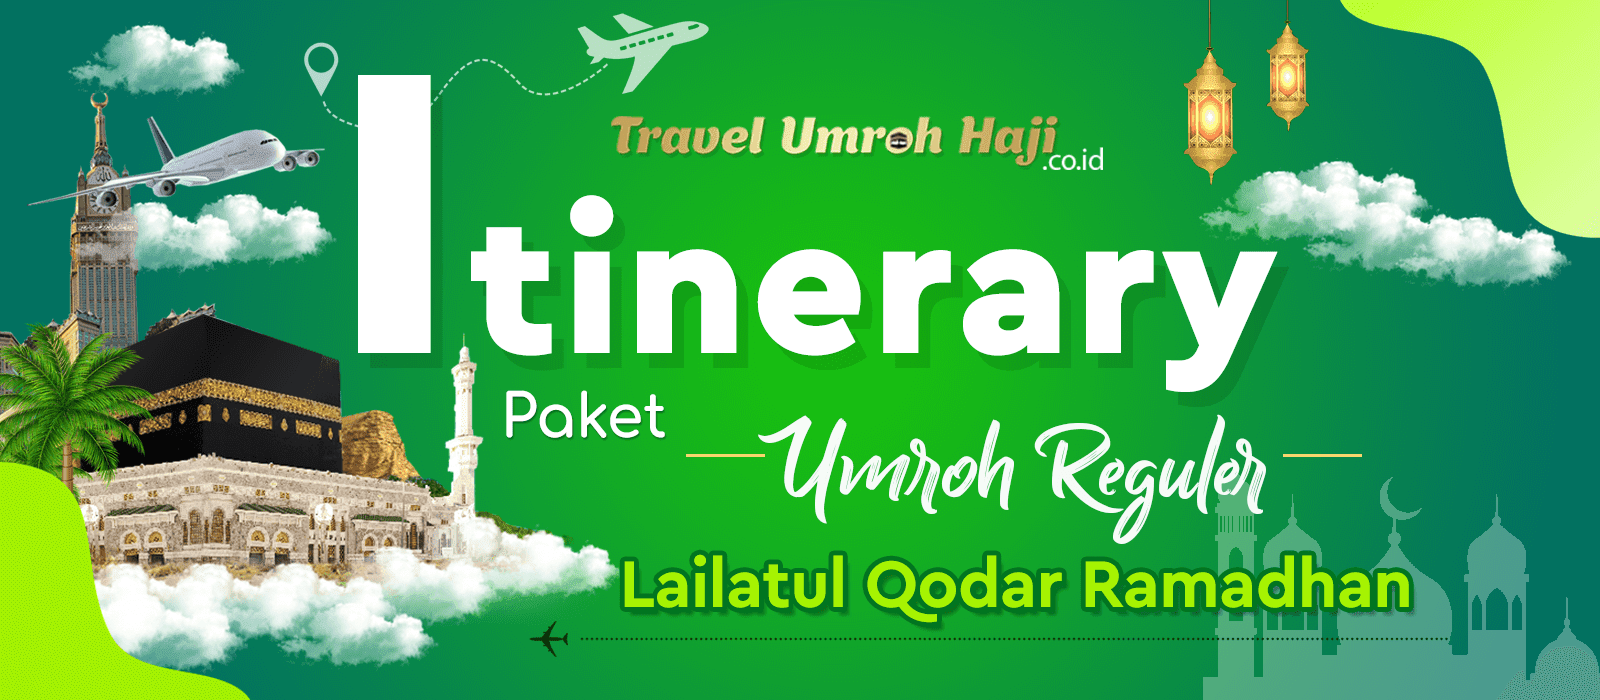 Program Itinerary Umroh 12 Hari Lailatul Qodar Pertengahan Ramadhan Direct Madinah